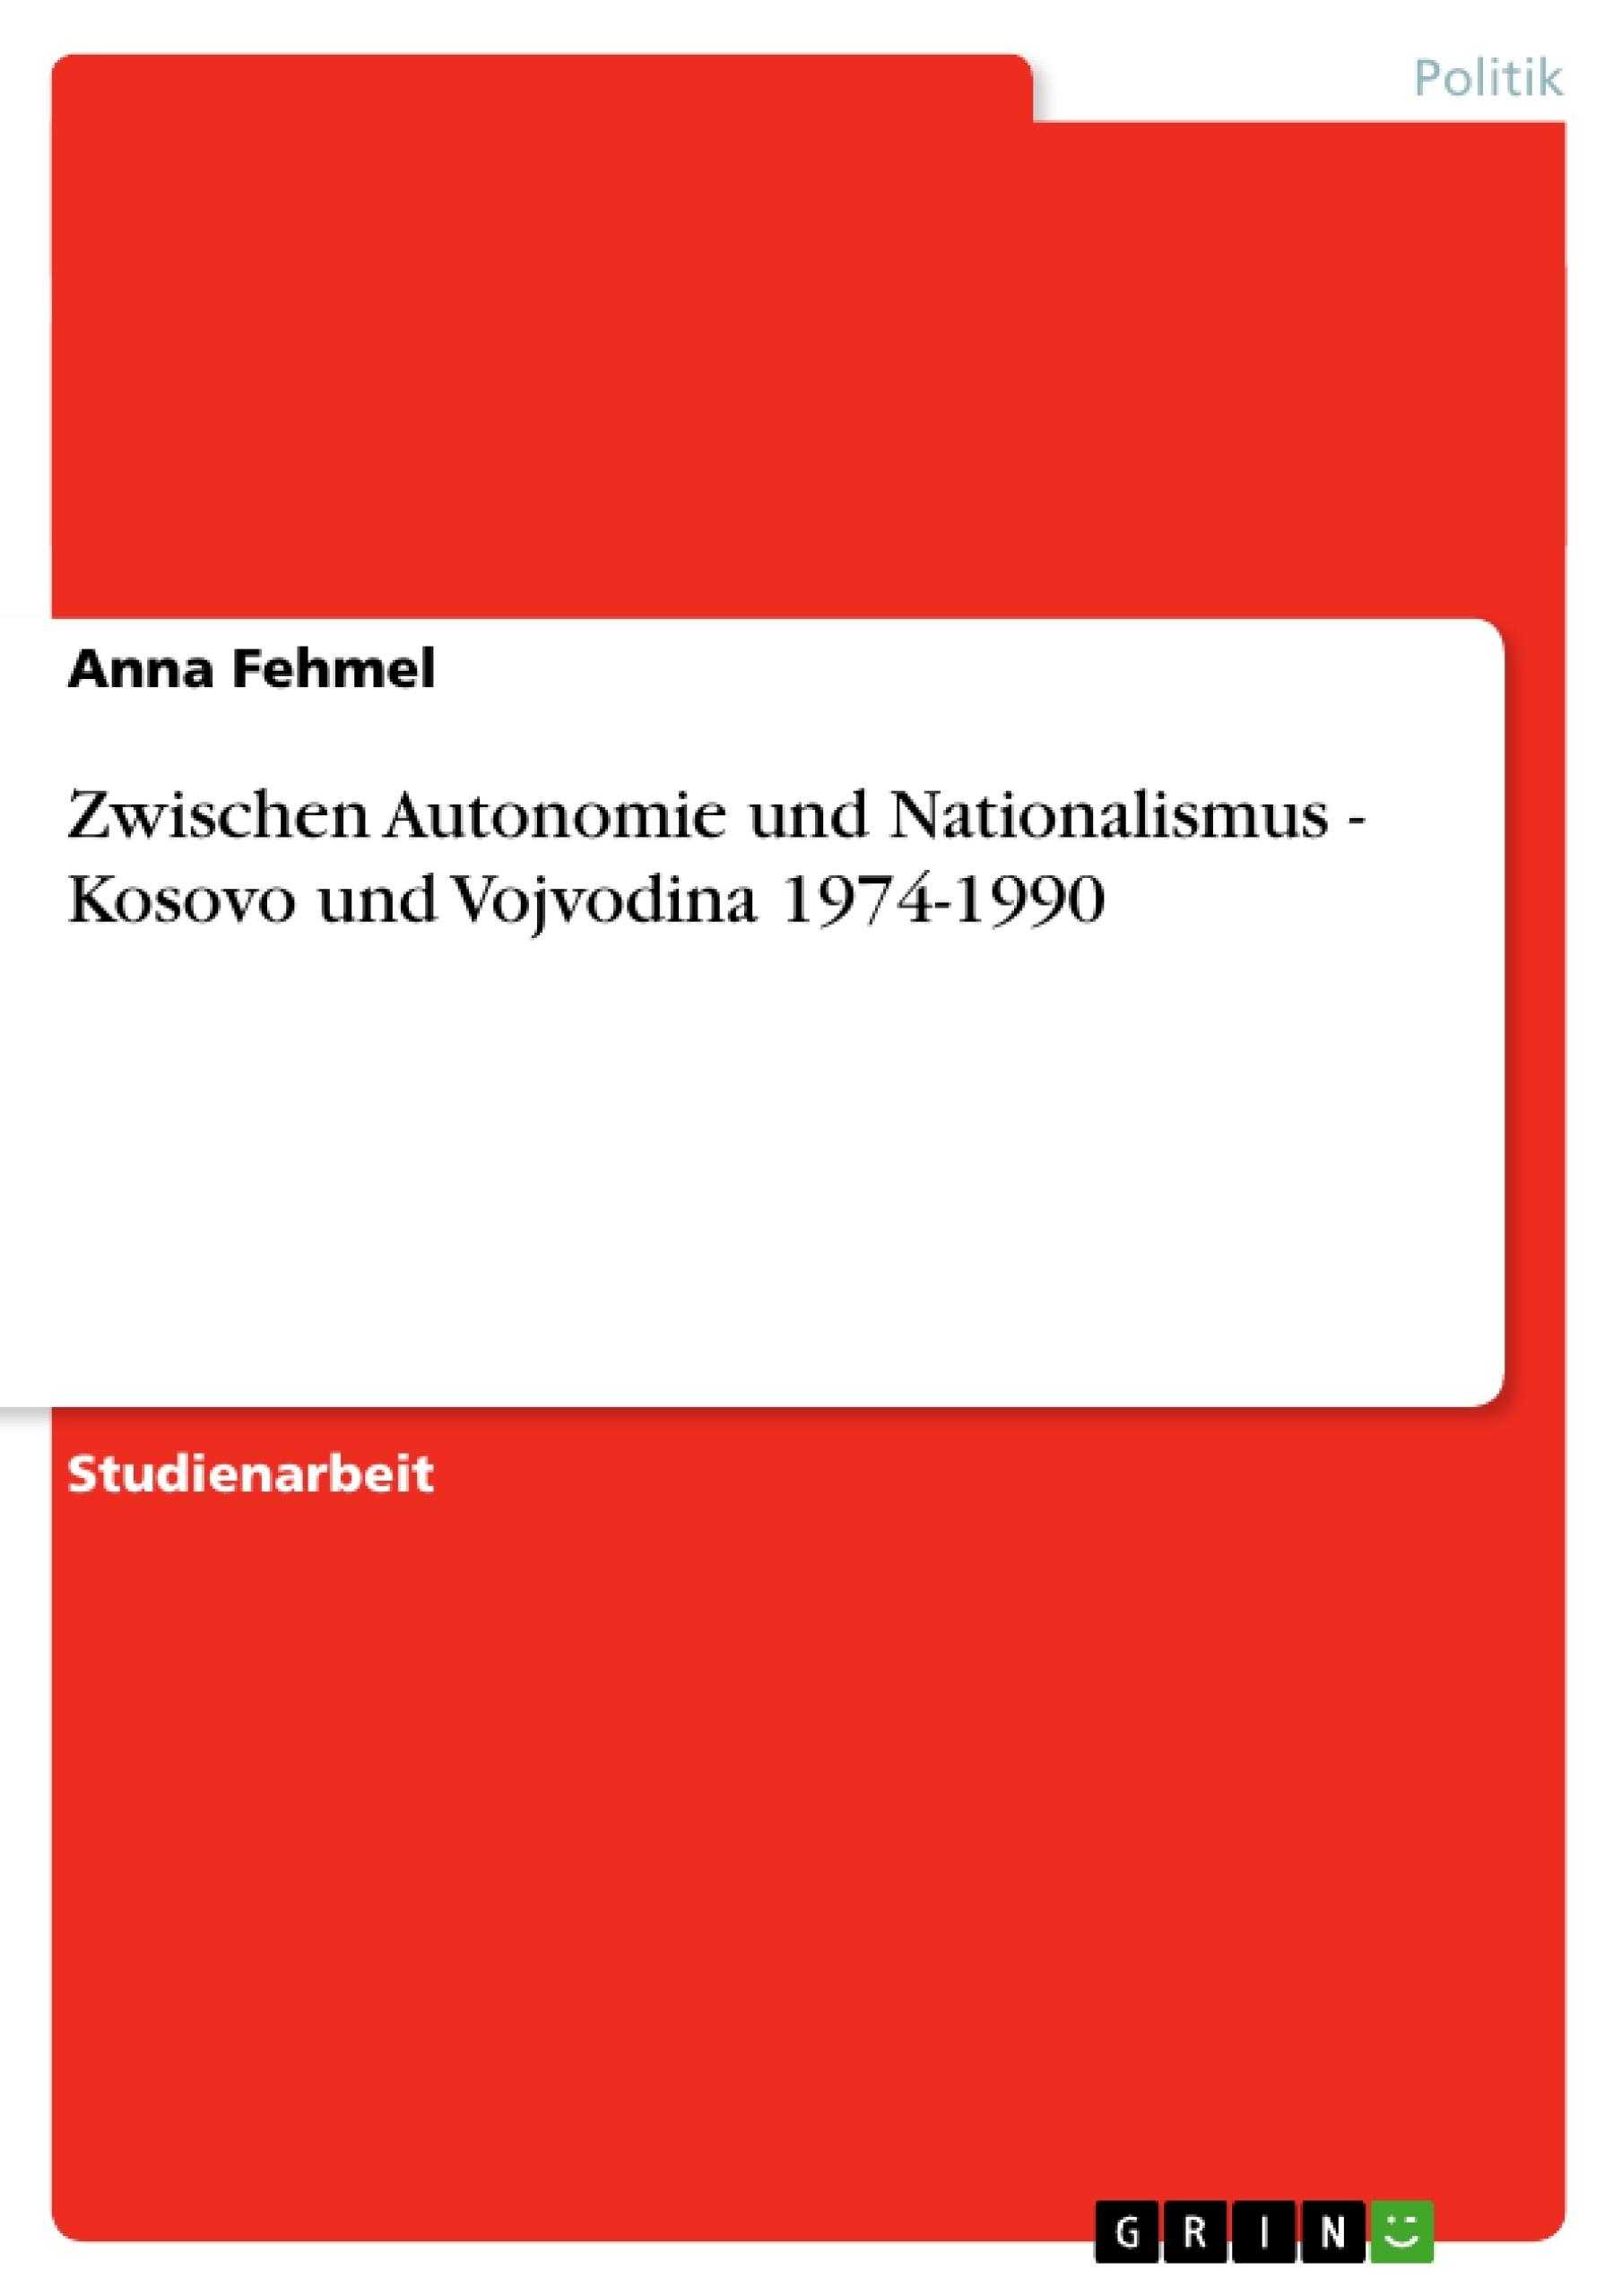 Titel: Zwischen Autonomie und Nationalismus - Kosovo und Vojvodina 1974-1990